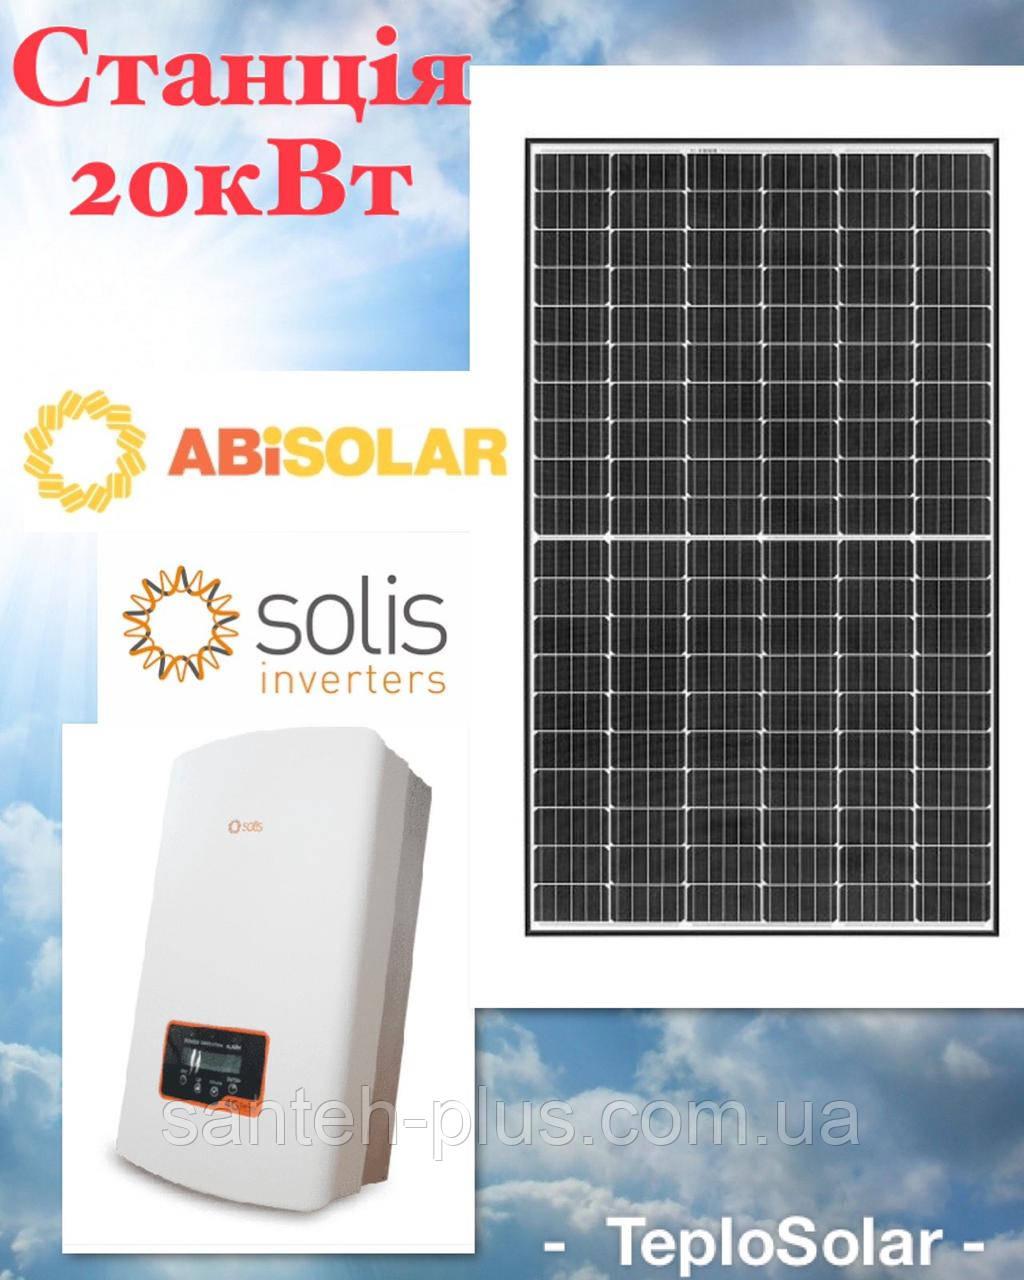 Сонячна станція 20 кВт, інвертор Solis, панелі AbiSolar